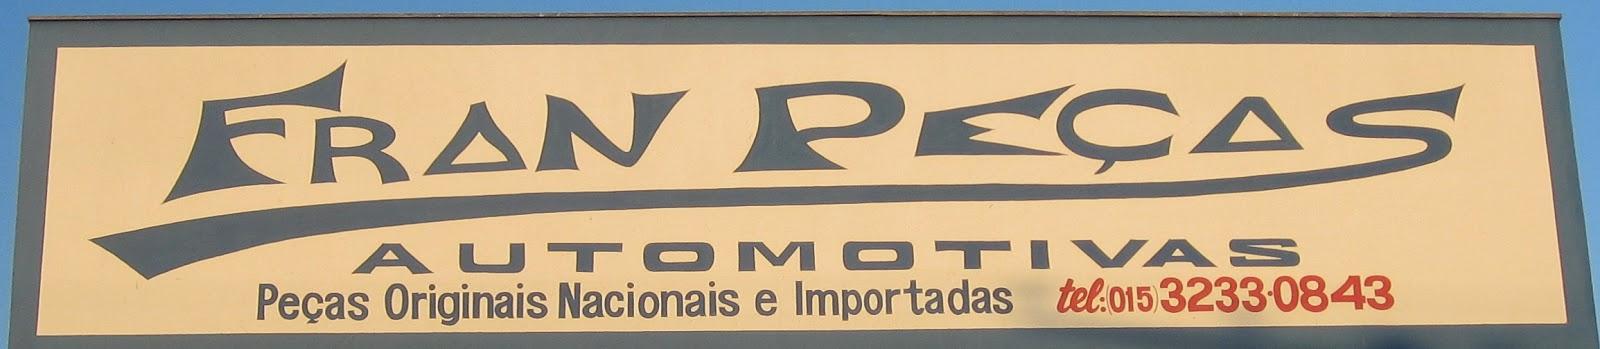 FRAN PEÇAS AUTOMOTIVAS  Peças Originais, Nacionais e Importadas Rua. Atanazio Soares, 1185 Vila Olímpia - Sorocaba - SP Cep: 18075-000 e-mail: franpecasadm@hotmail.com tel: (15) 3233-0843